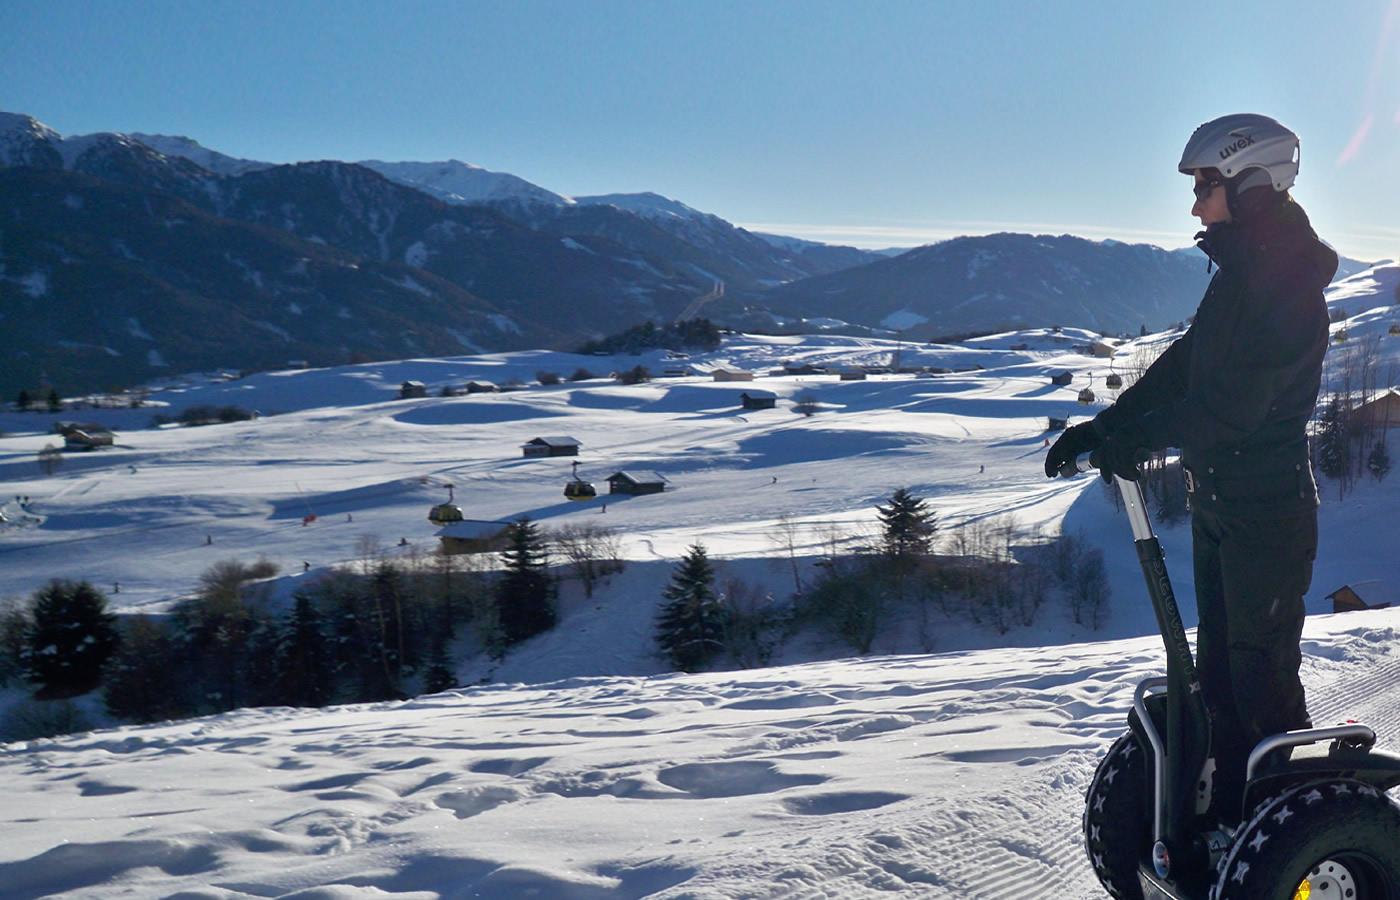 Segway - das sportliche Erlebnis in den Winter-Bergen von Fissm, Tirol.